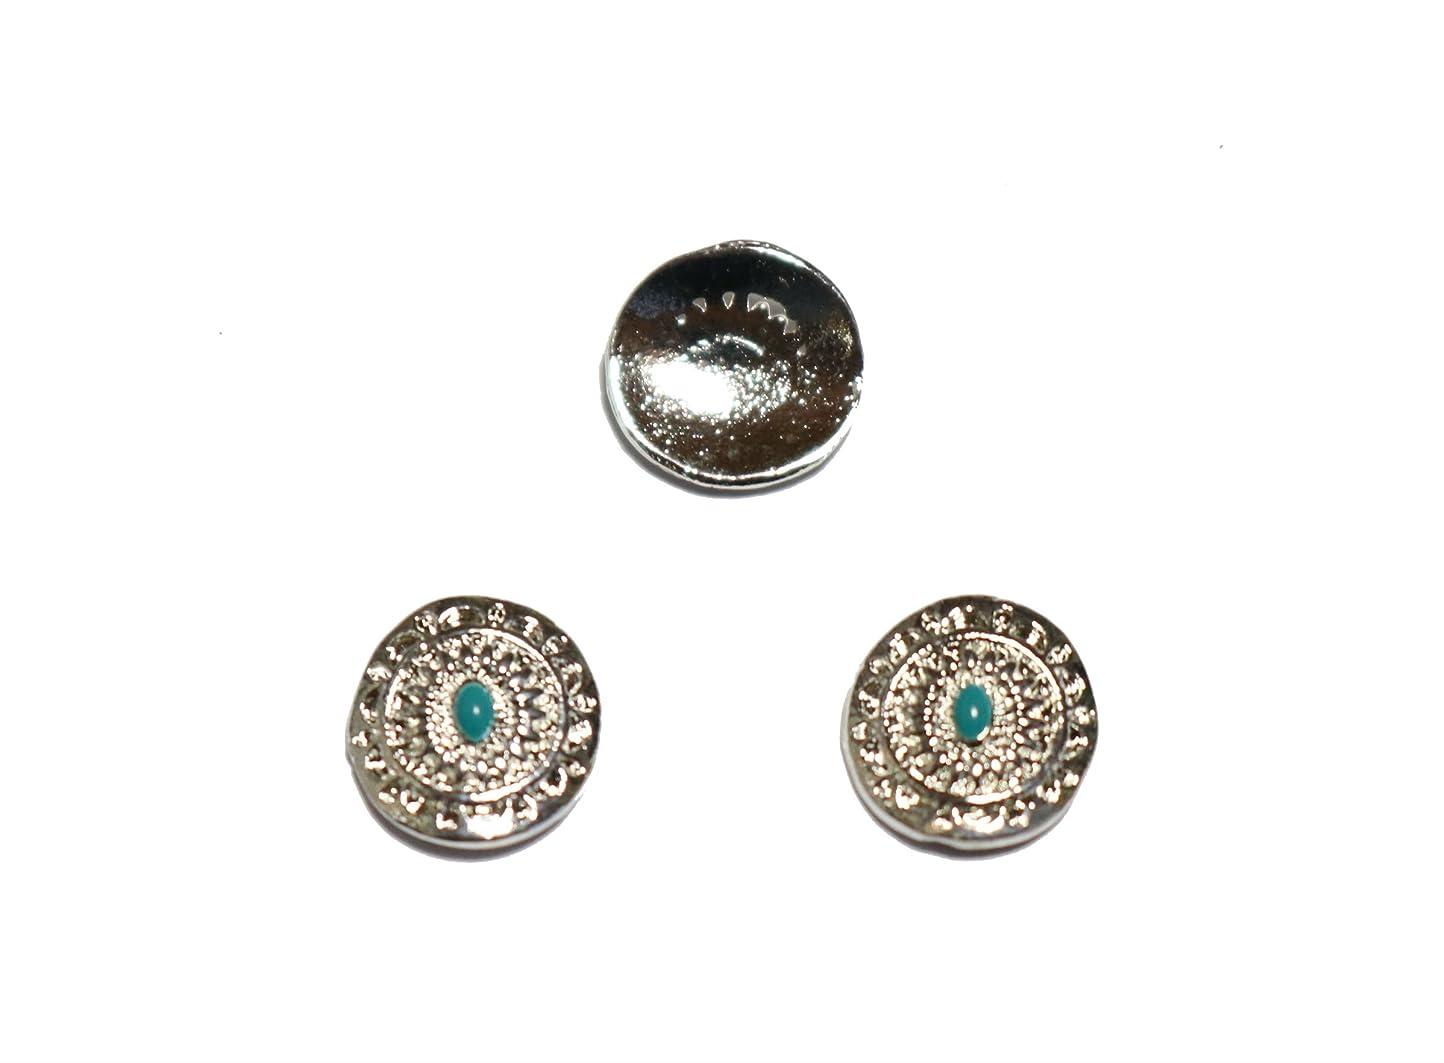 徴収手術骨髄【jewel】エスニック ネイルパーツ 2個入り 4種類から選択可能 (シルバー)